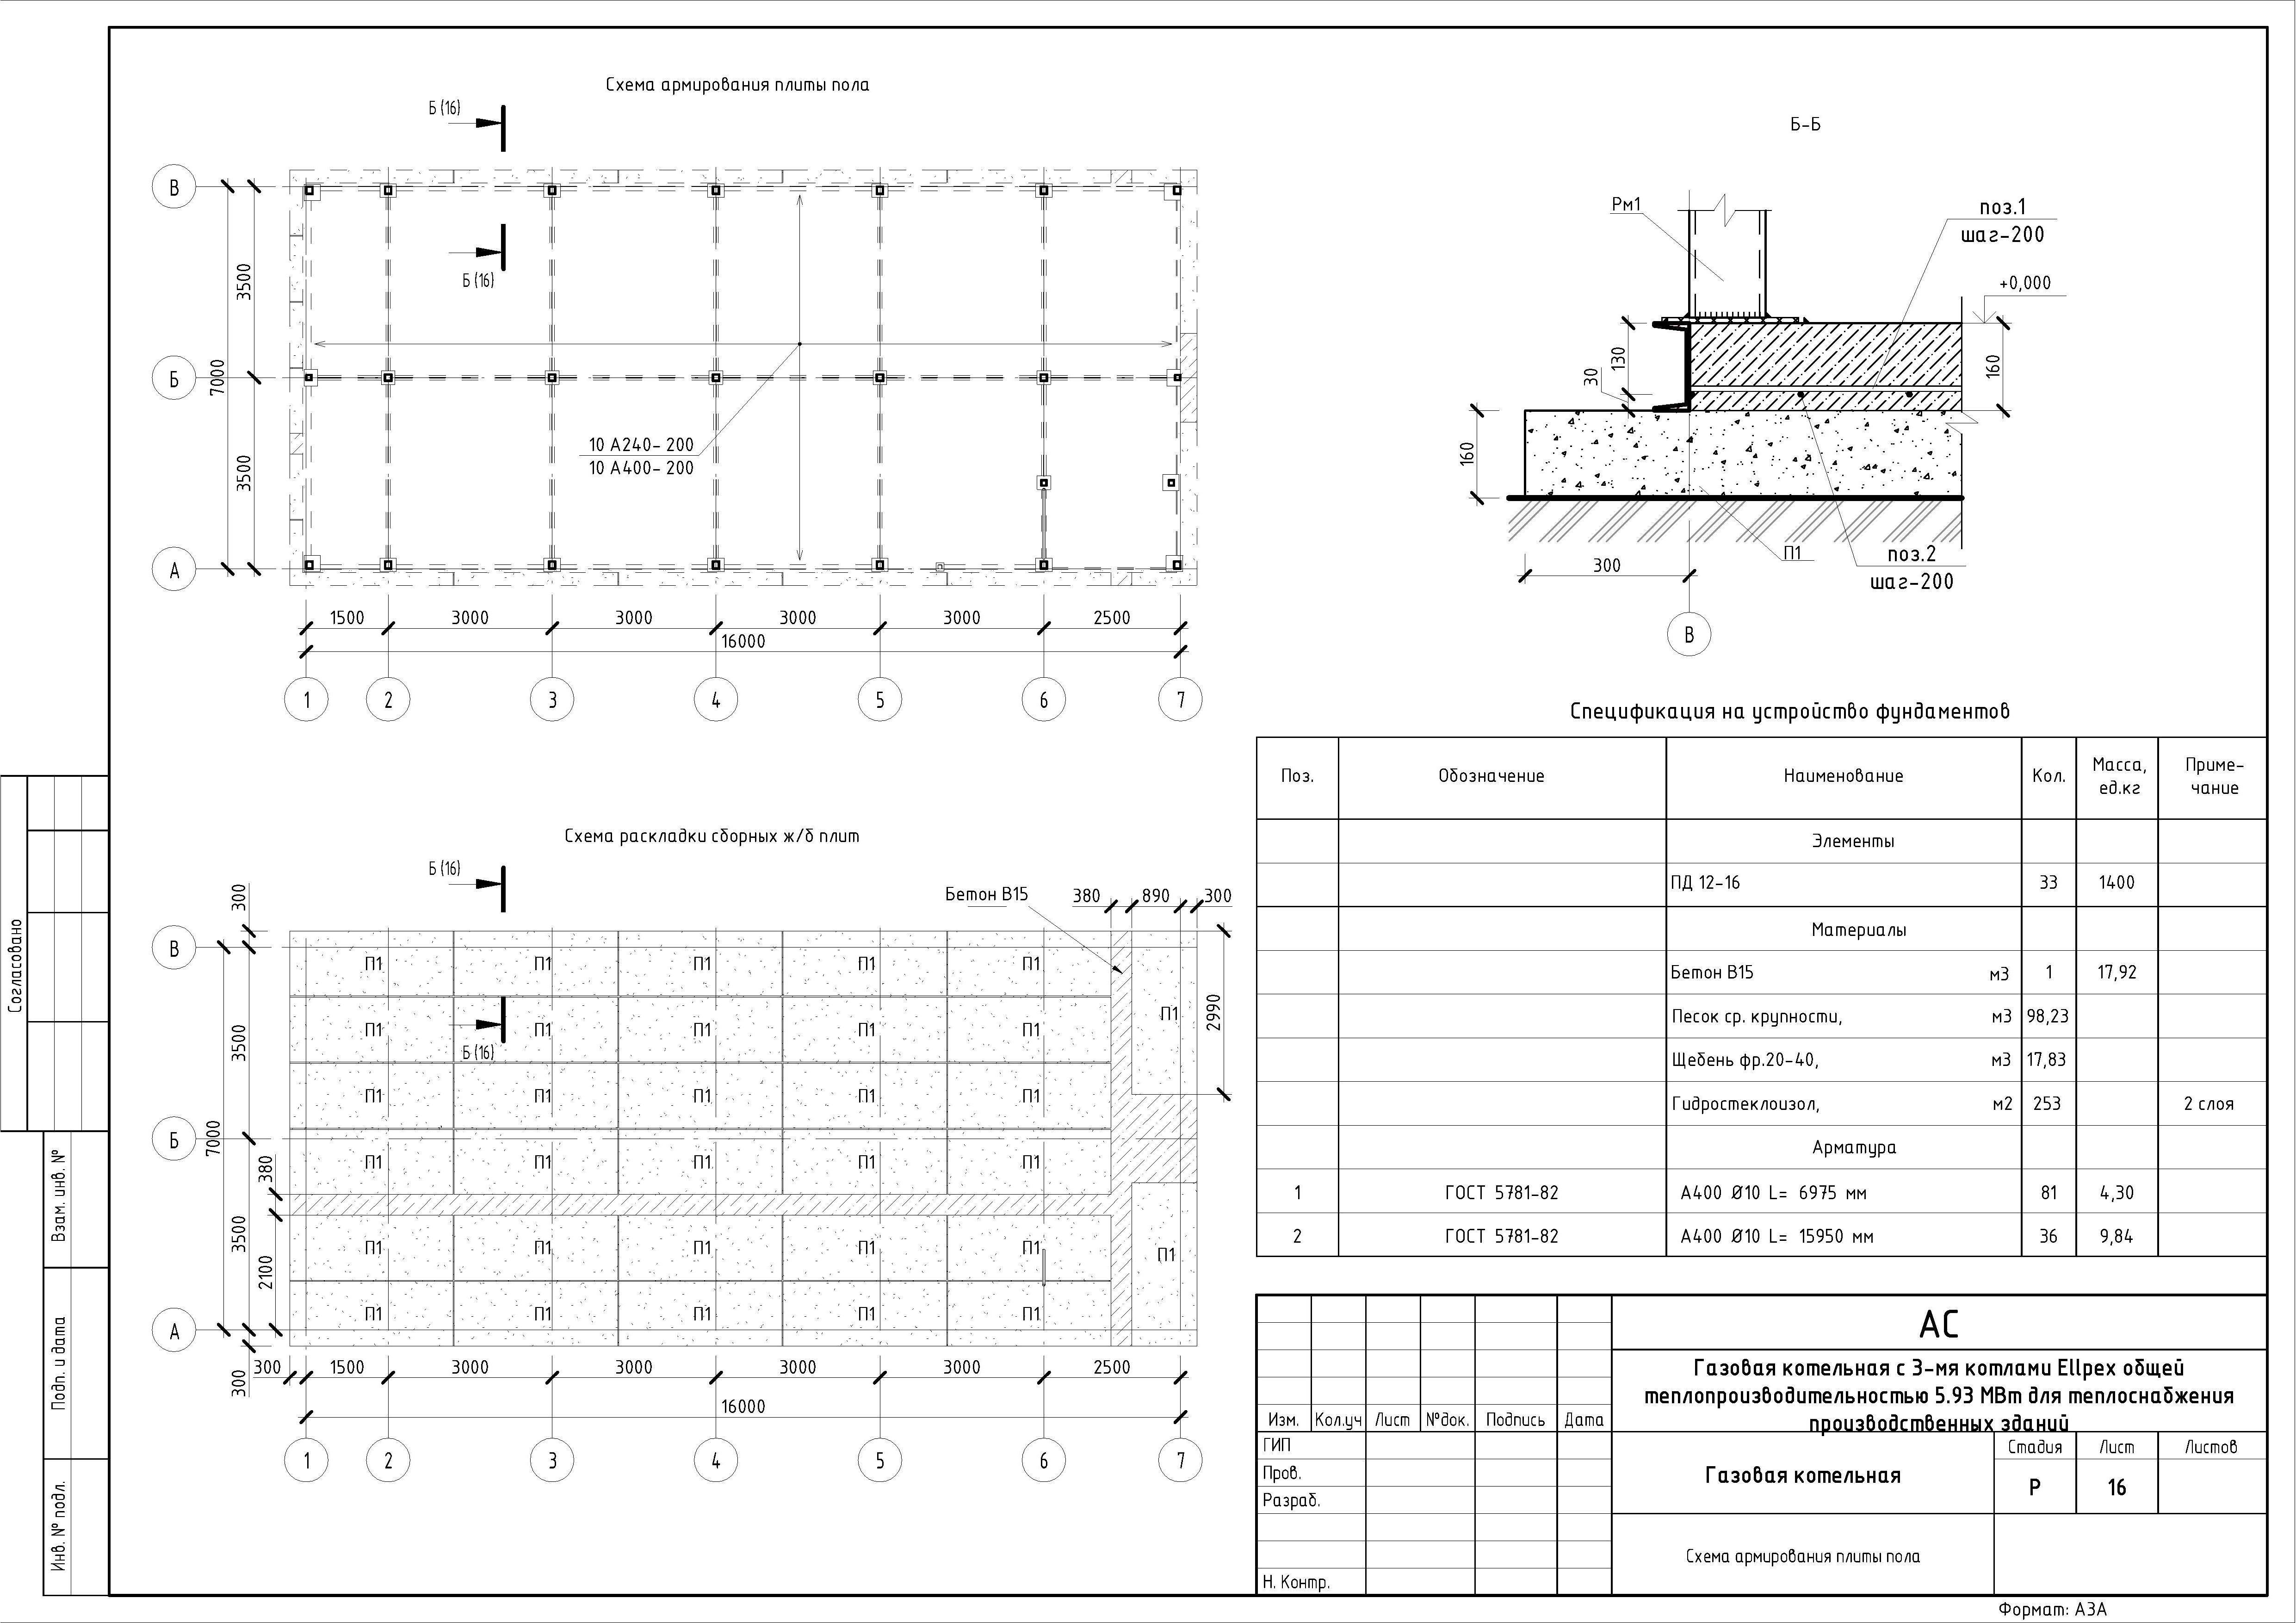 Марка бетона для фундаментной плиты: какая нужна для плитного фундамента частного дома, какую выбрать для монолитного плитного основания?